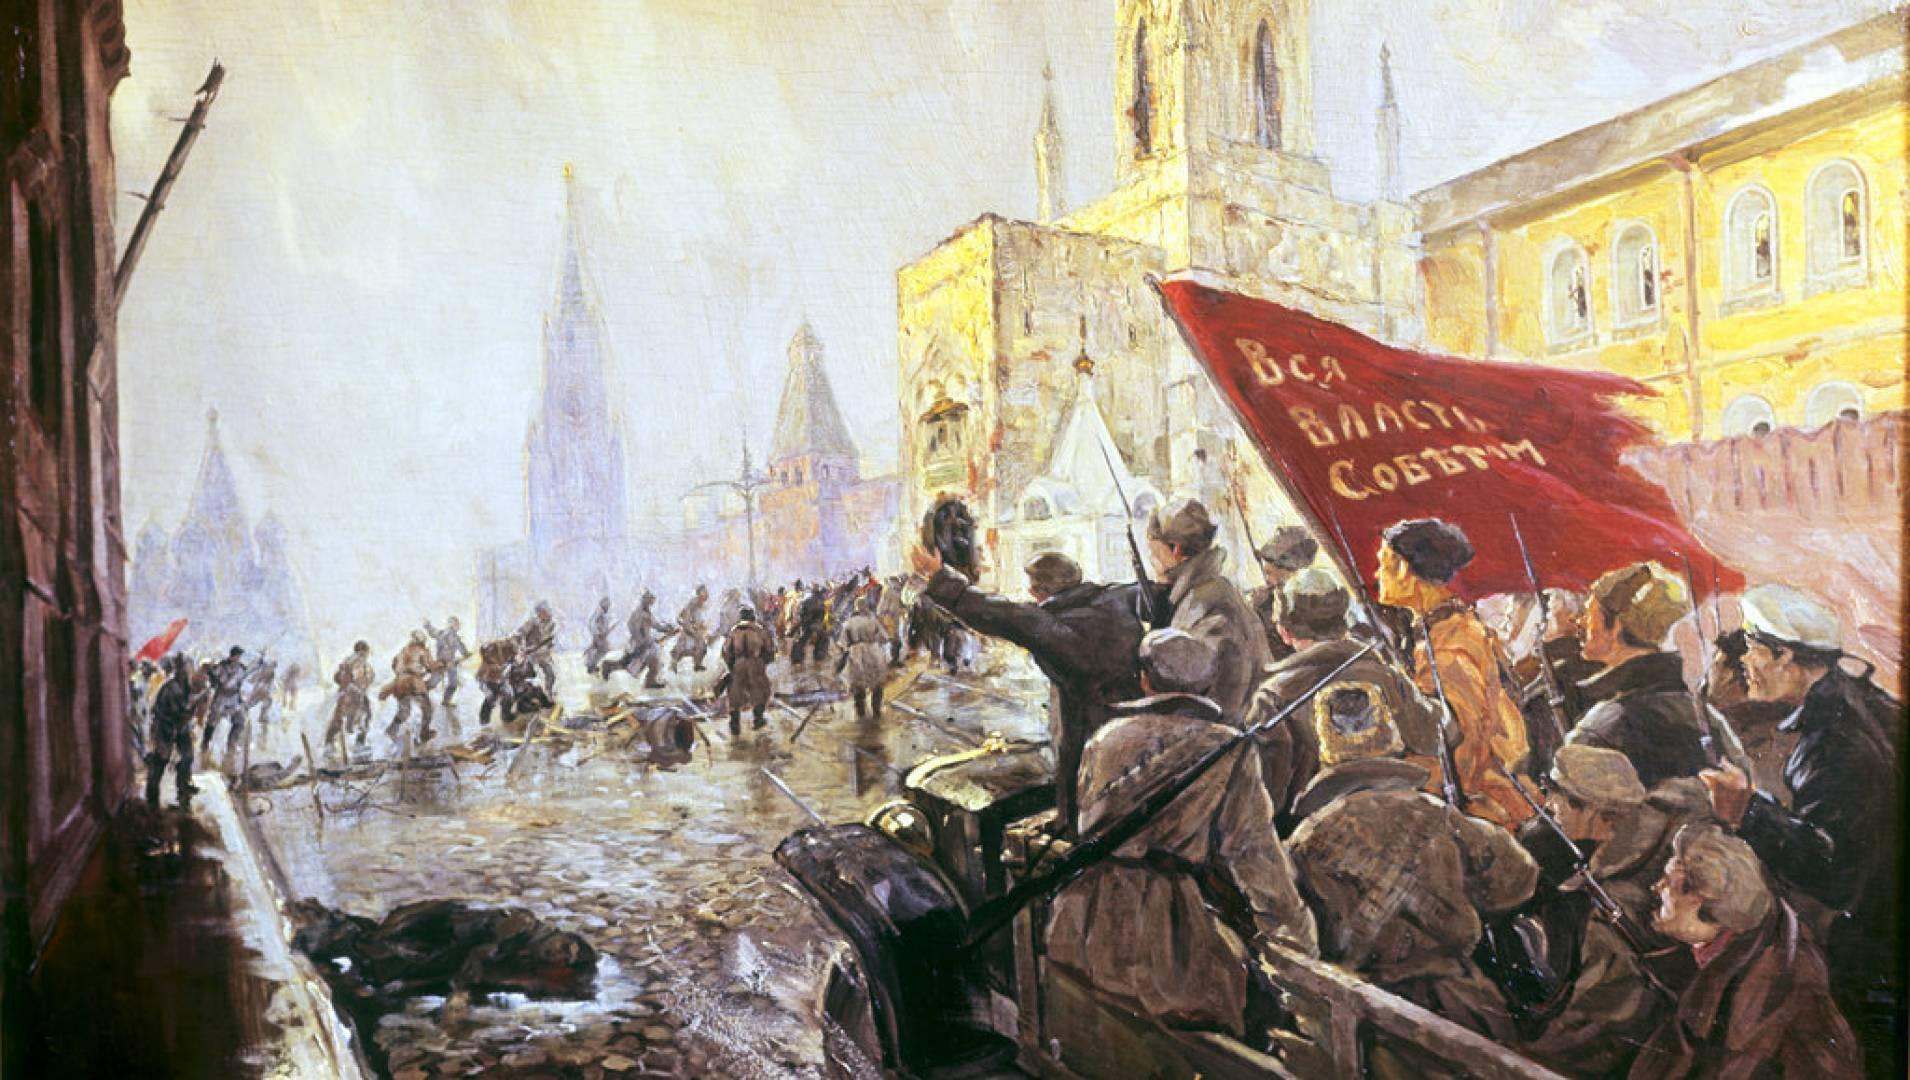 Подлинная история русской революции  - Документальный фильм